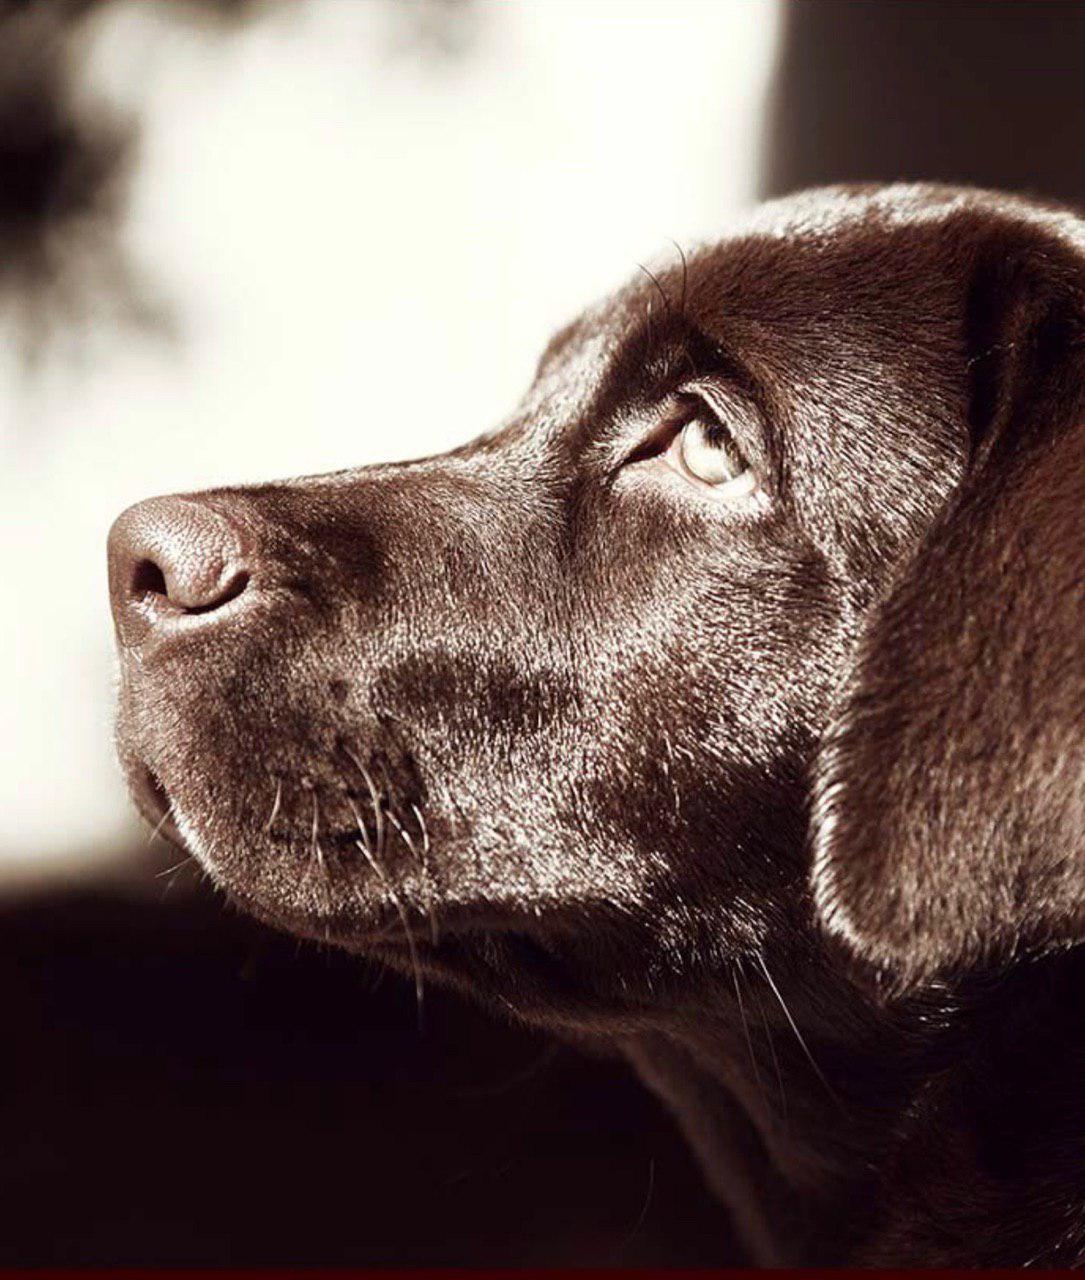 آموزش سگ: نشانه های استرس در سگ ها